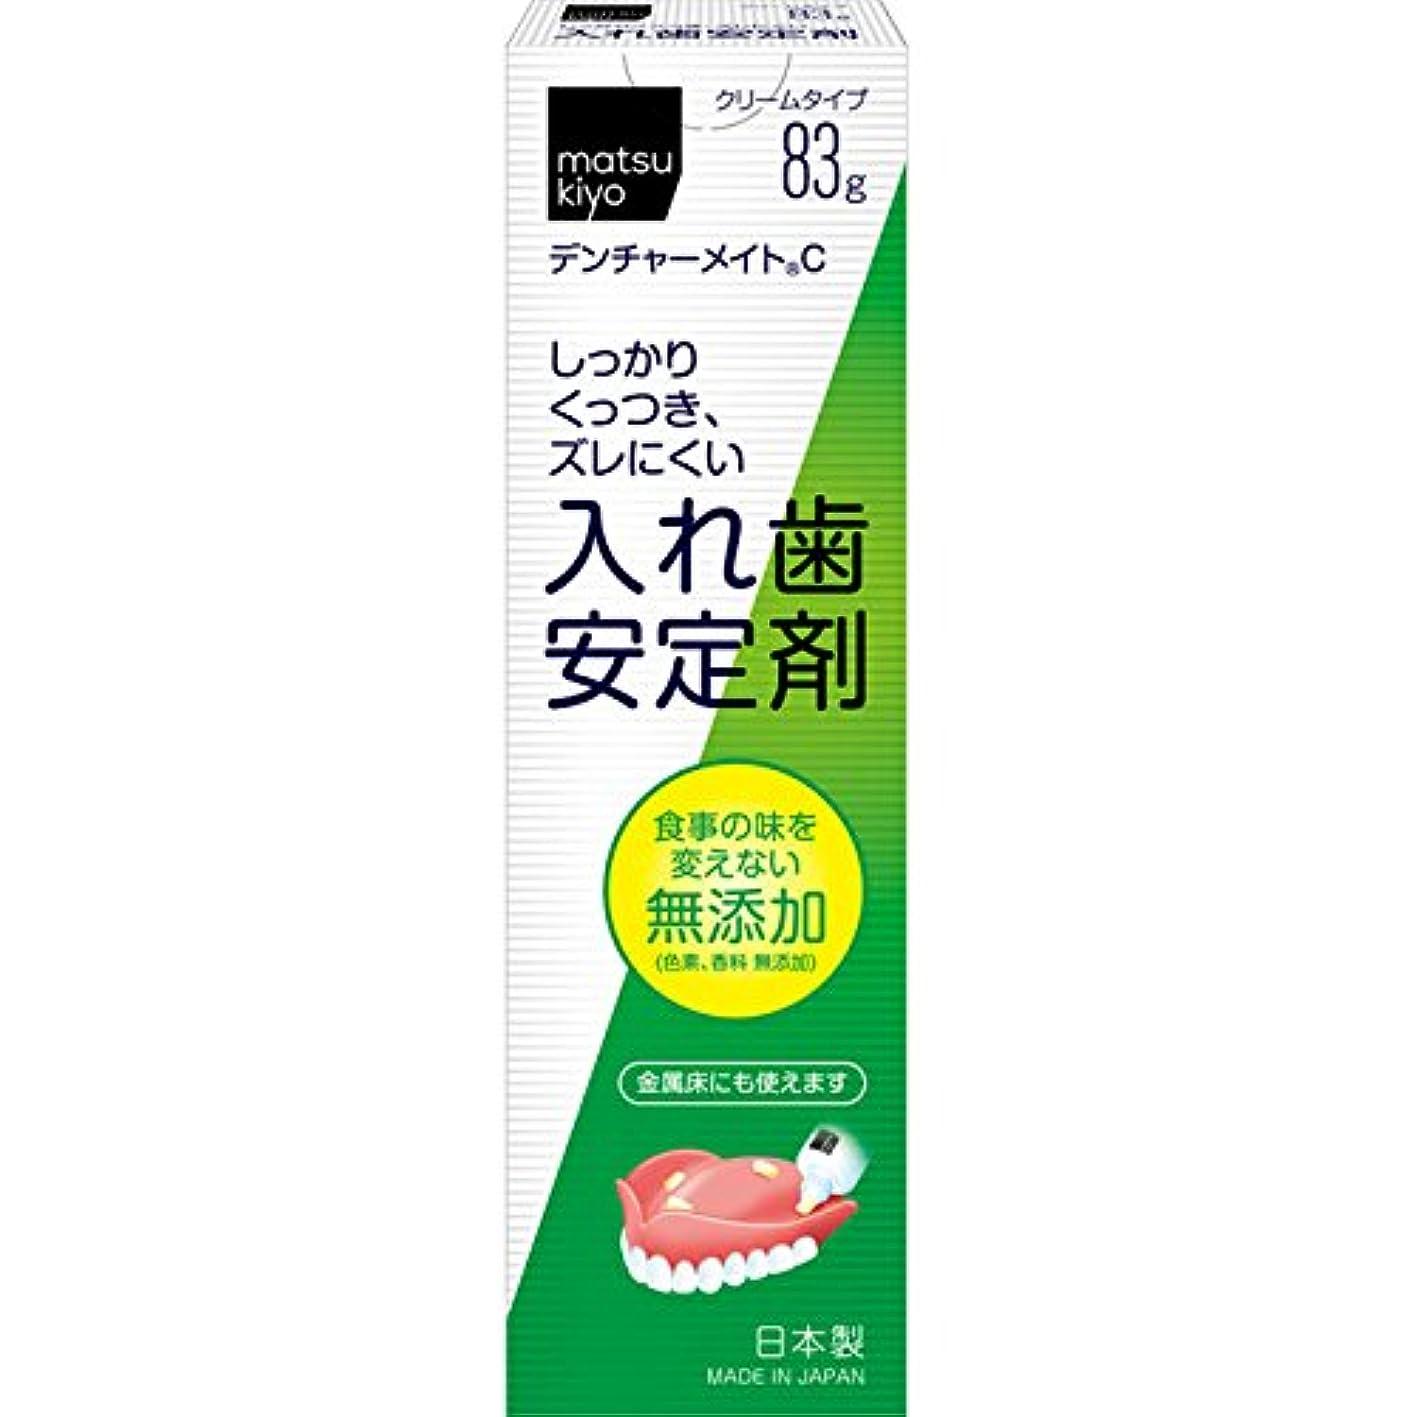 非常に知事誰かmatsukiyo 入れ歯安定剤 無添加 83g